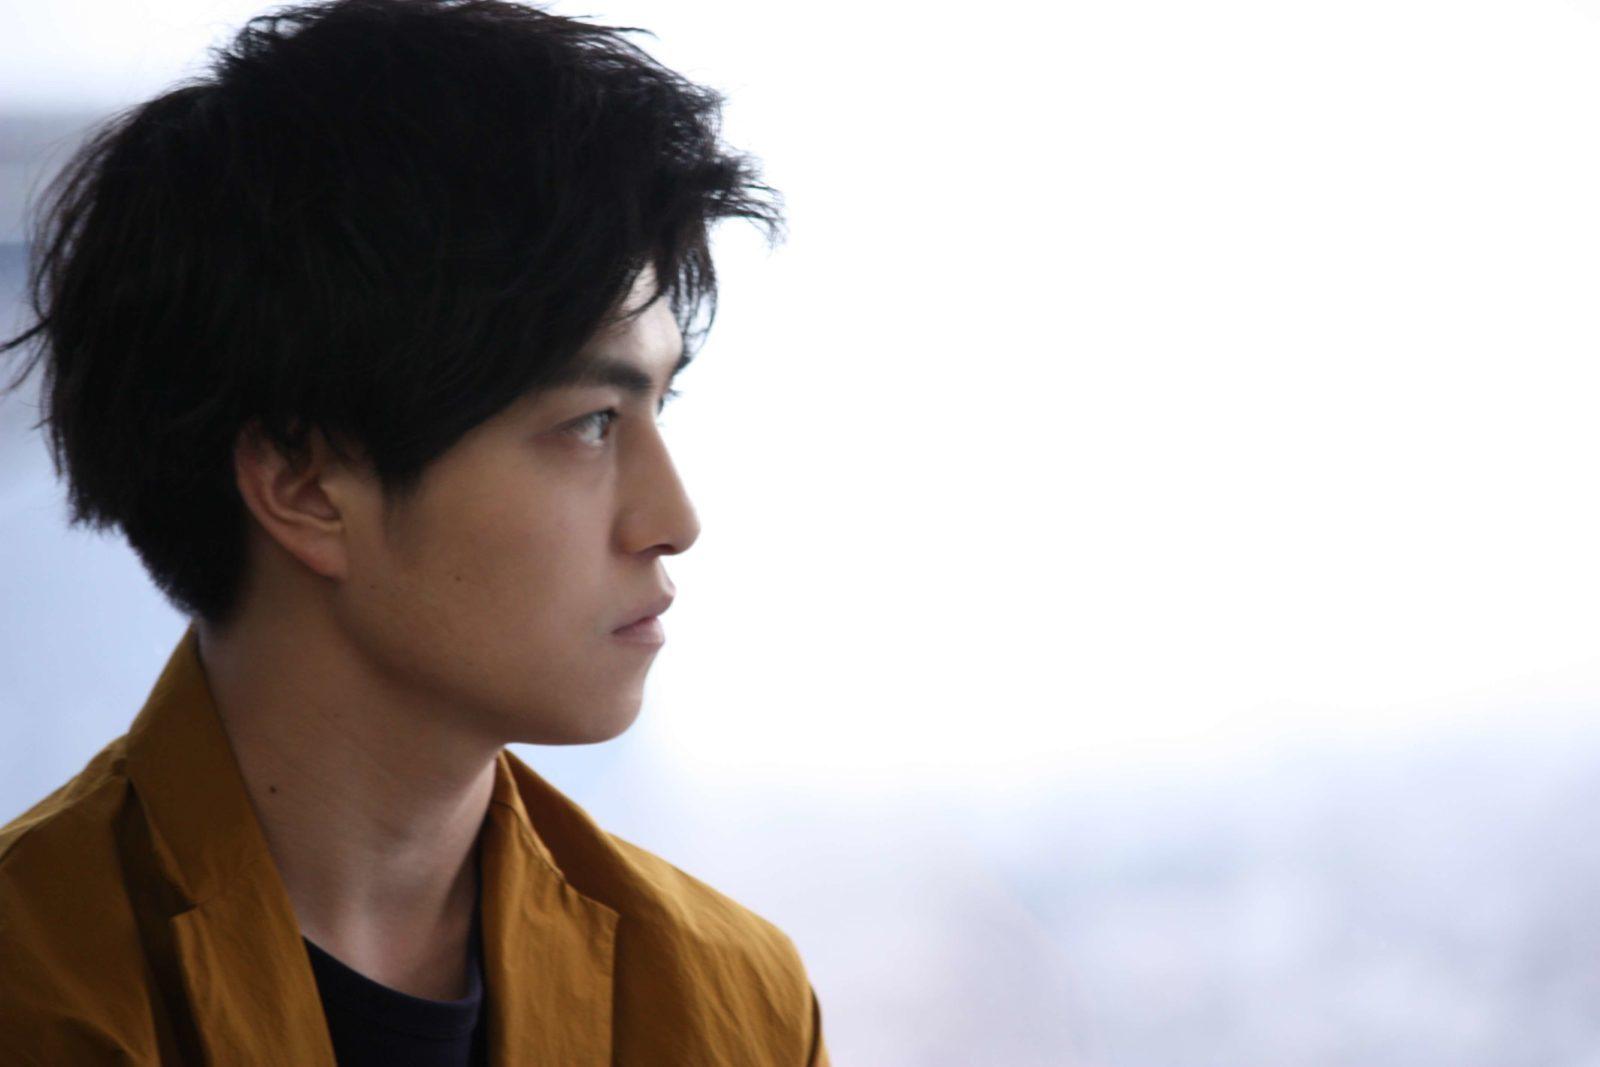 ドラマ『向かいのバズる家族』で内田理央の弟を演じる那智、初出演ドラマとこれからについて語る